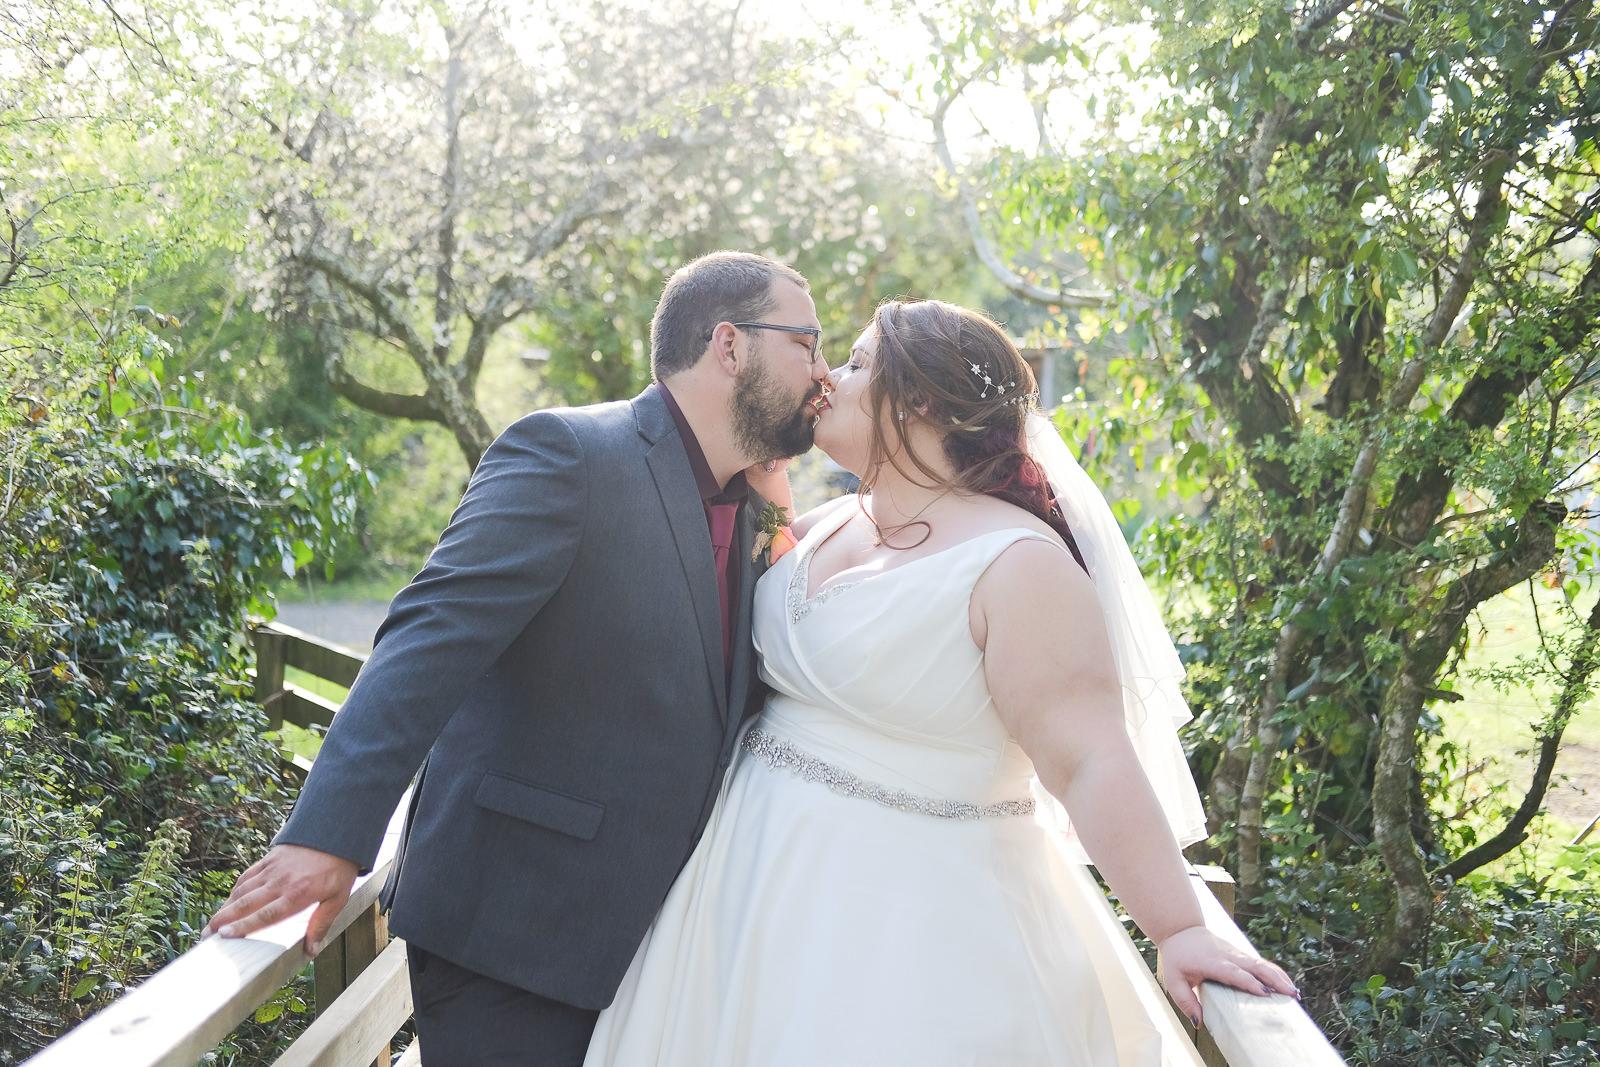 cornish tipi wedding photography 066.jpg